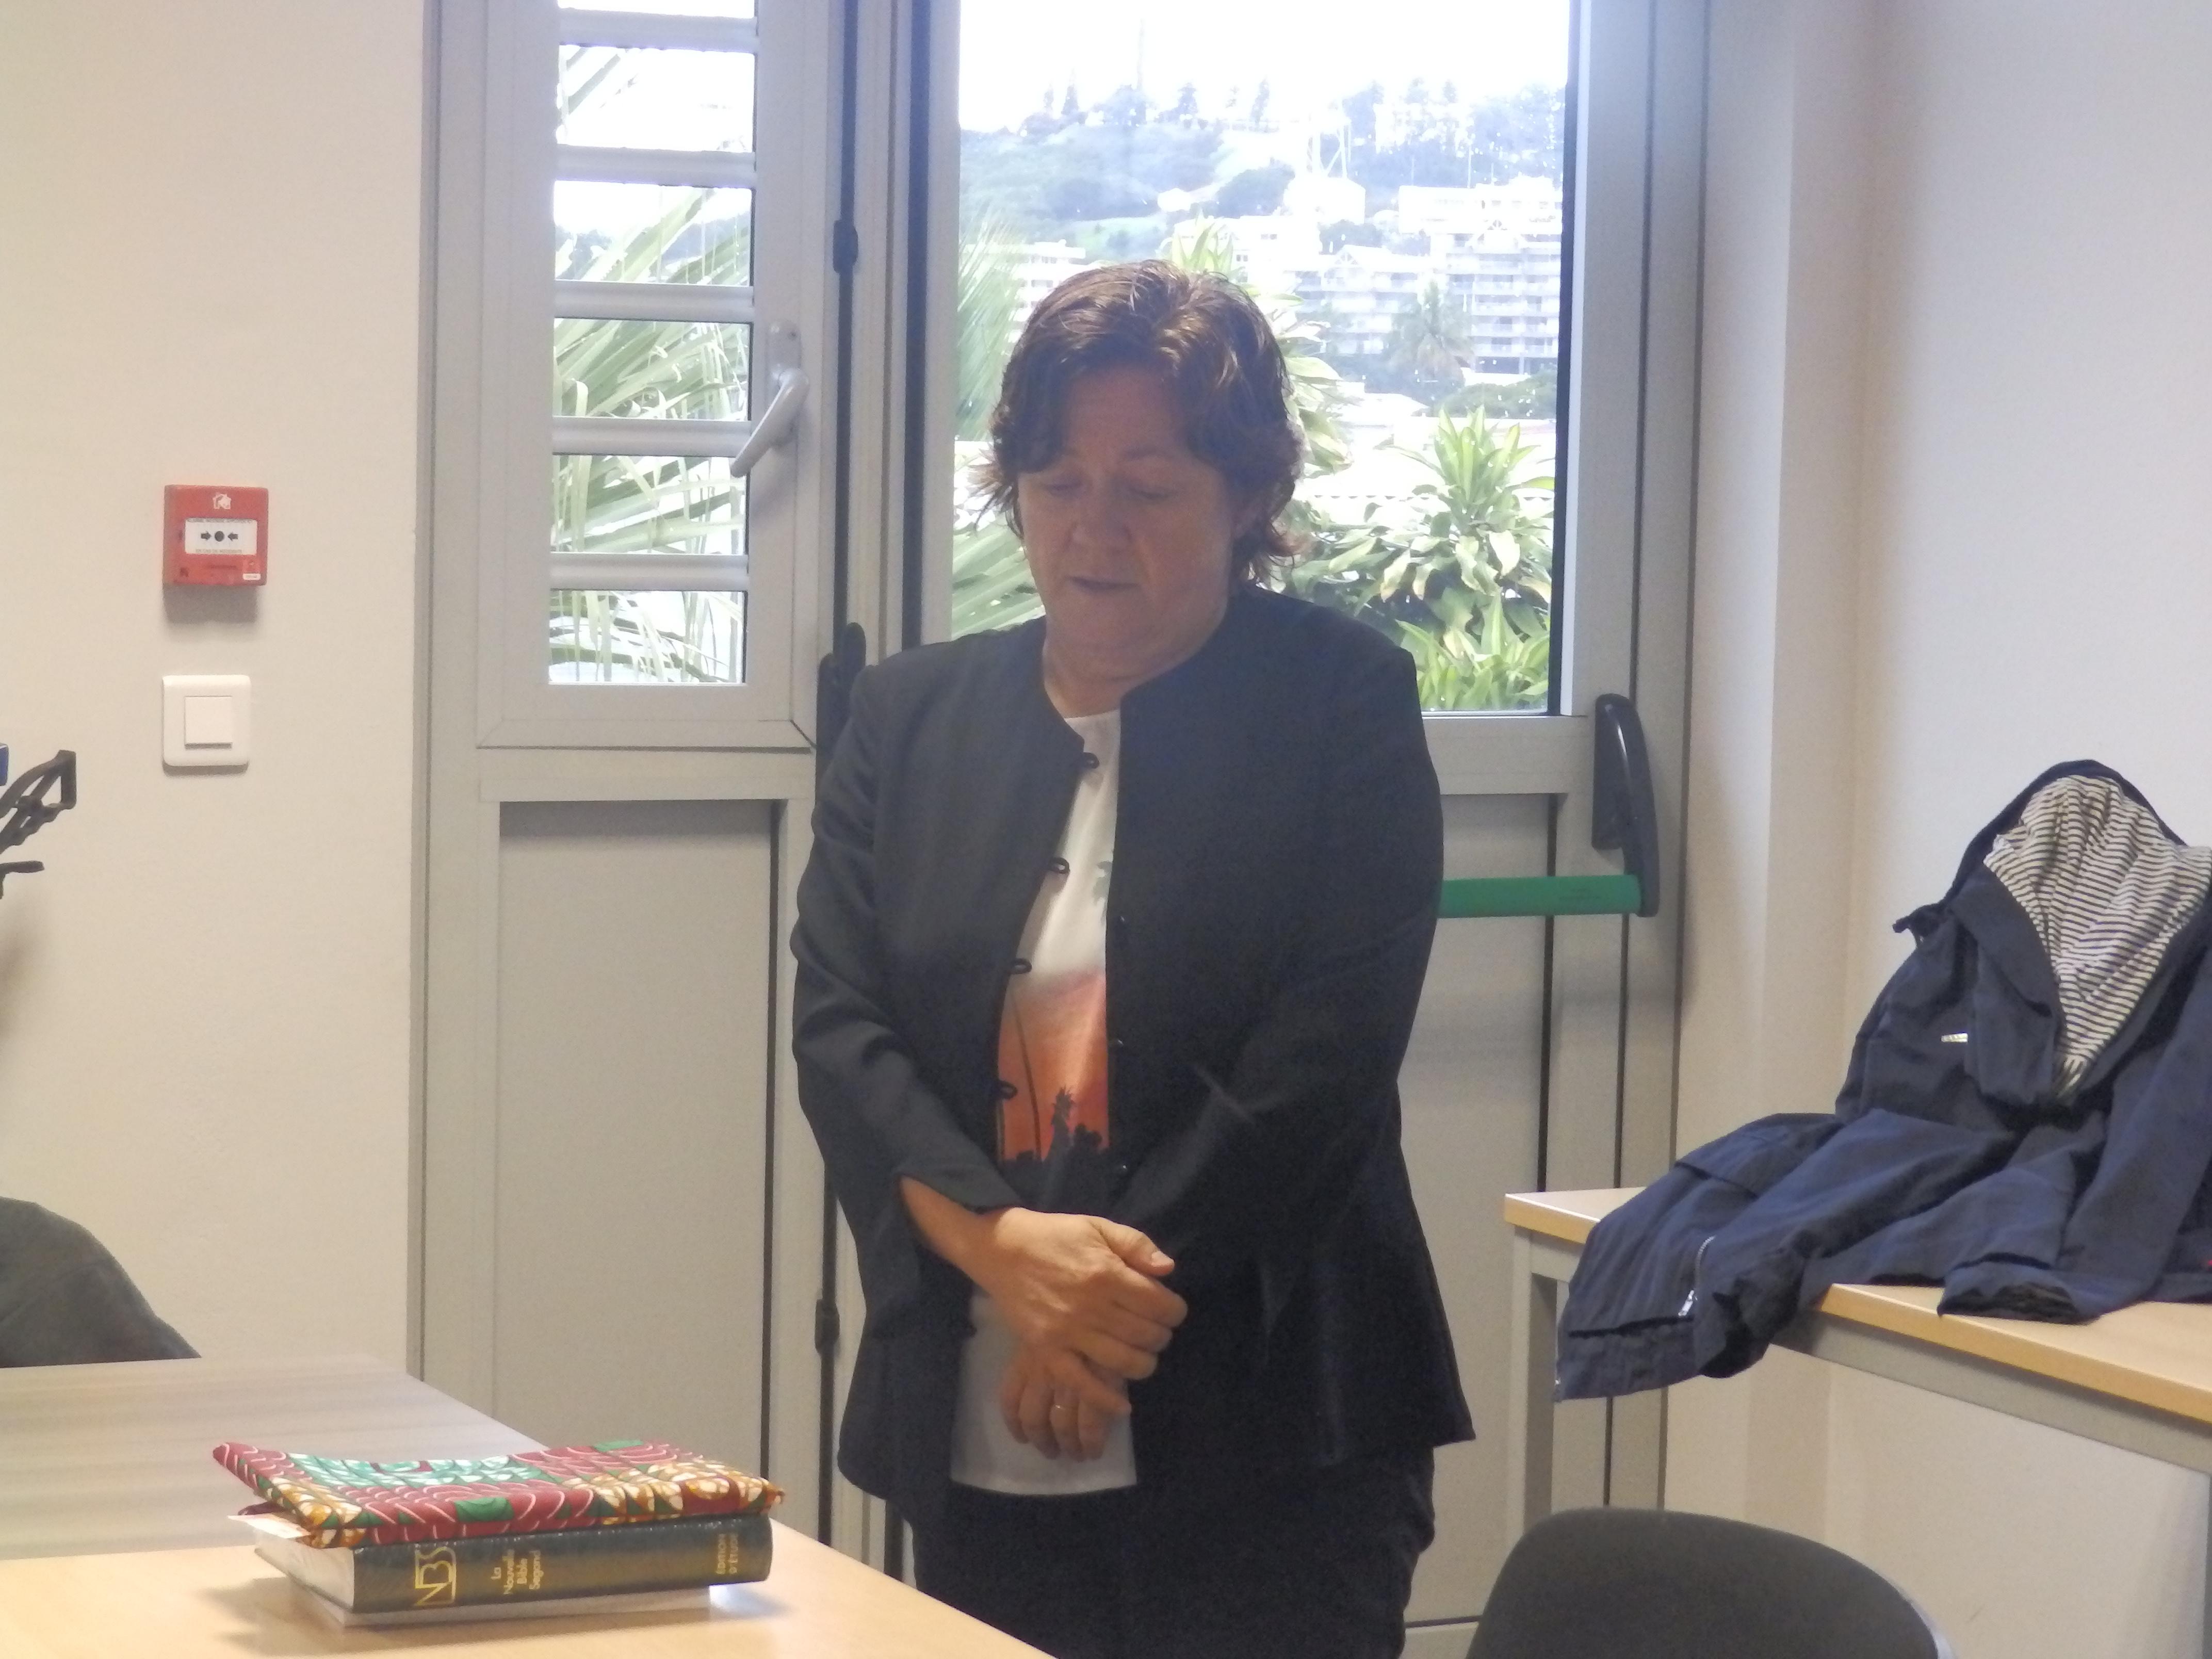 Pasteure Tünde Lamboley présentant son geste coutumier au bureau de l'EPKNC à la Vallée du Génie